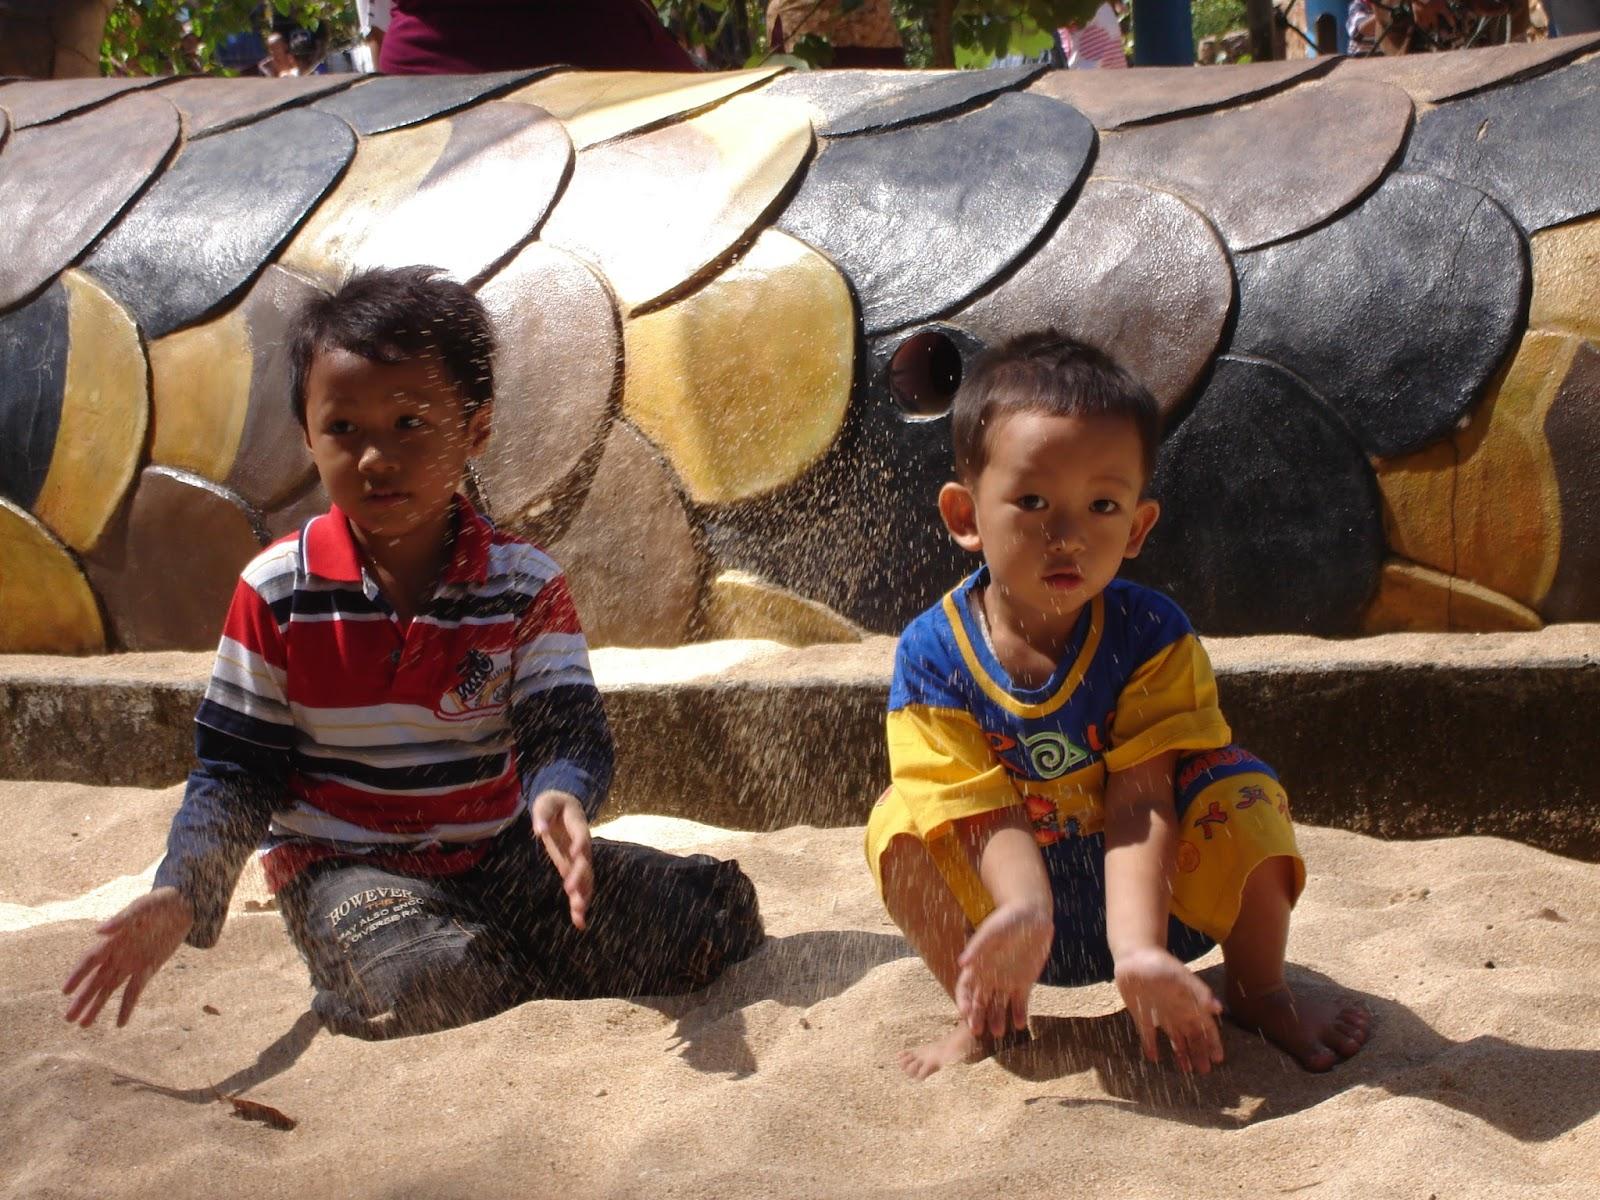 liburan ceria bersama anak